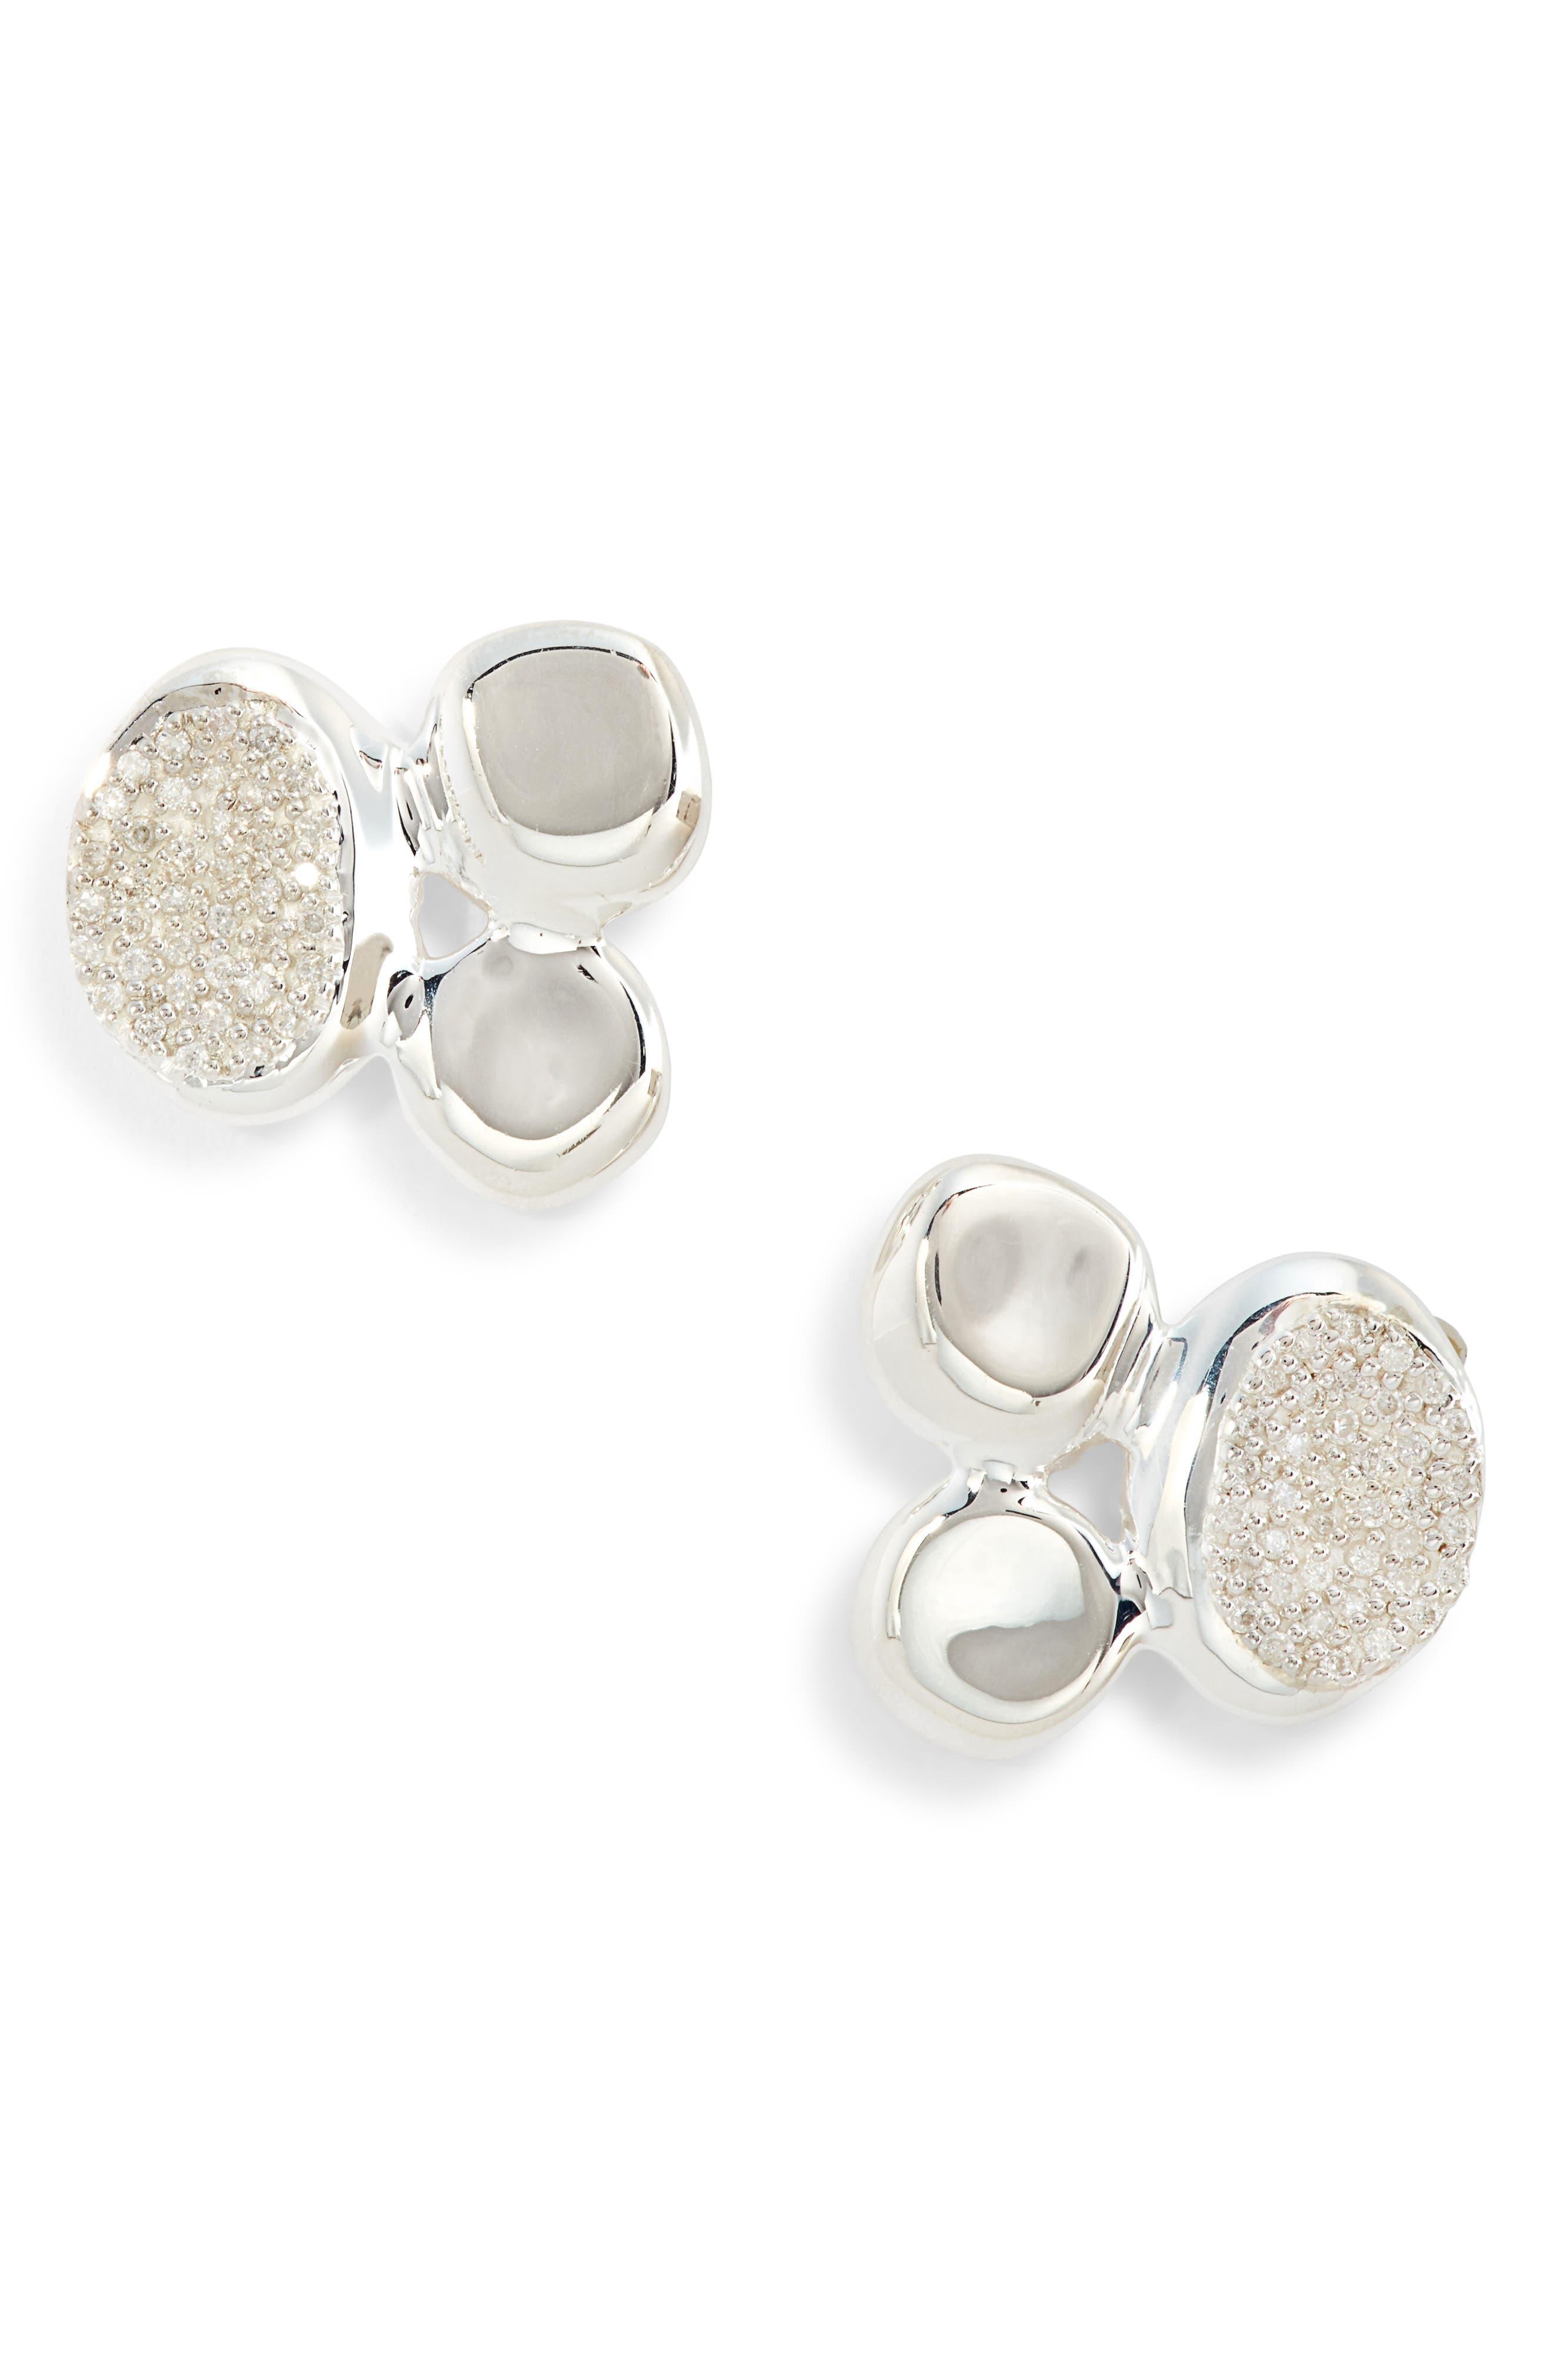 Ippolita Onda Cluster Stud Earrings